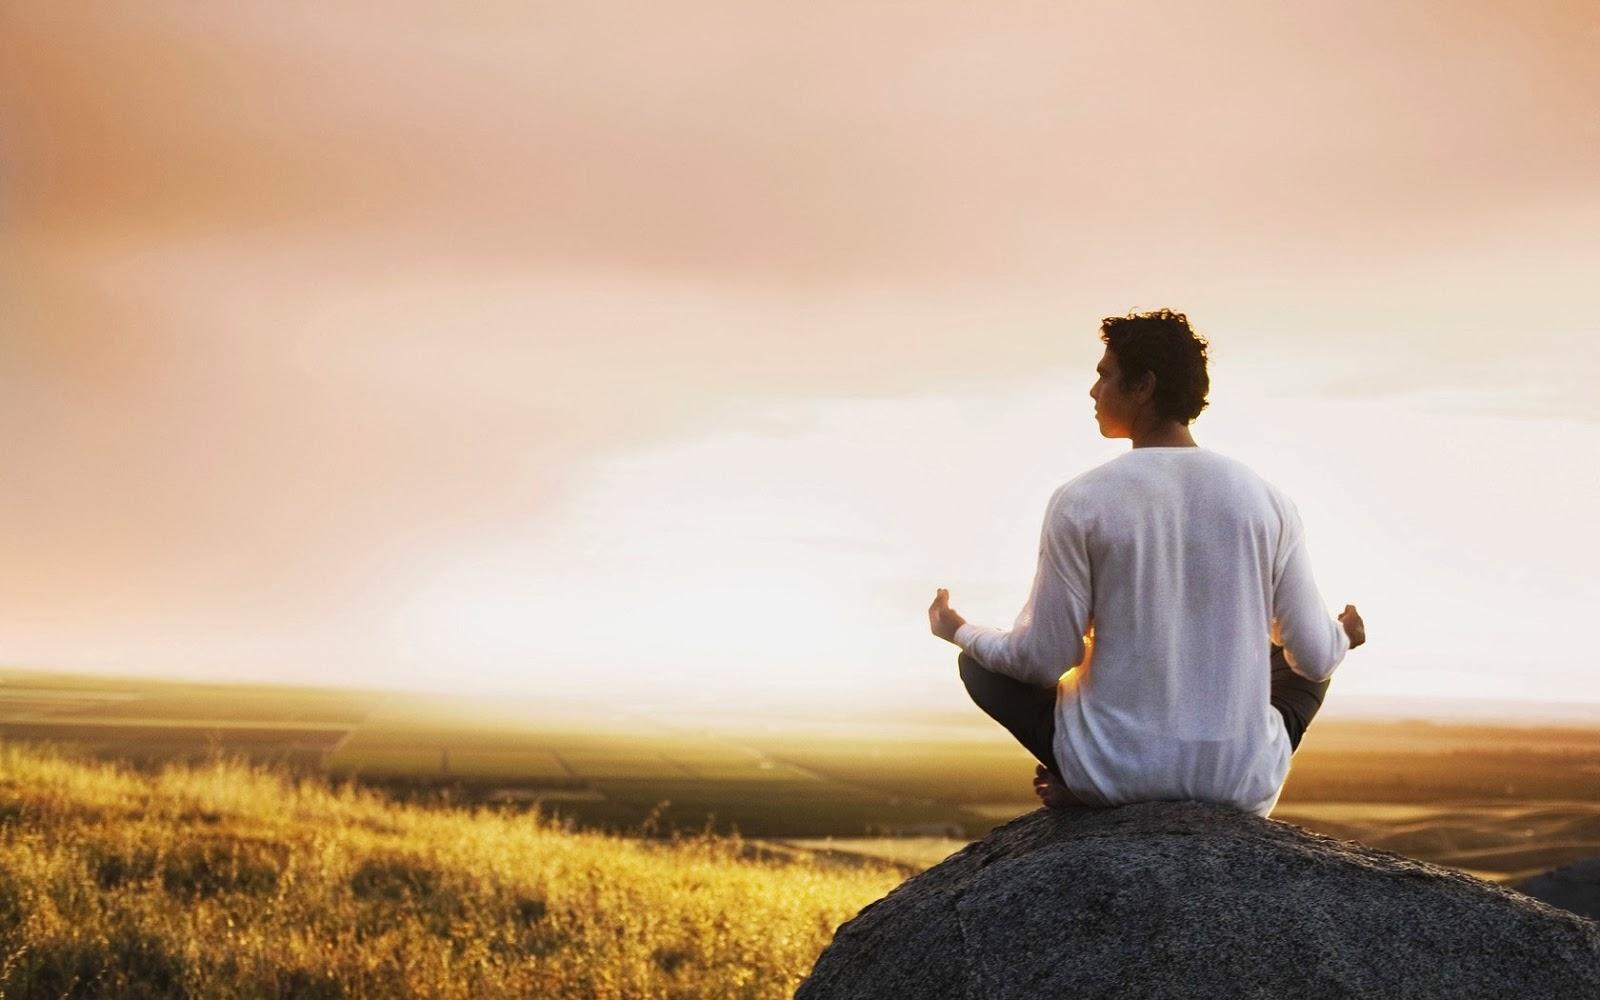 Meditation Wallpaper | Hindu God Wallpaper